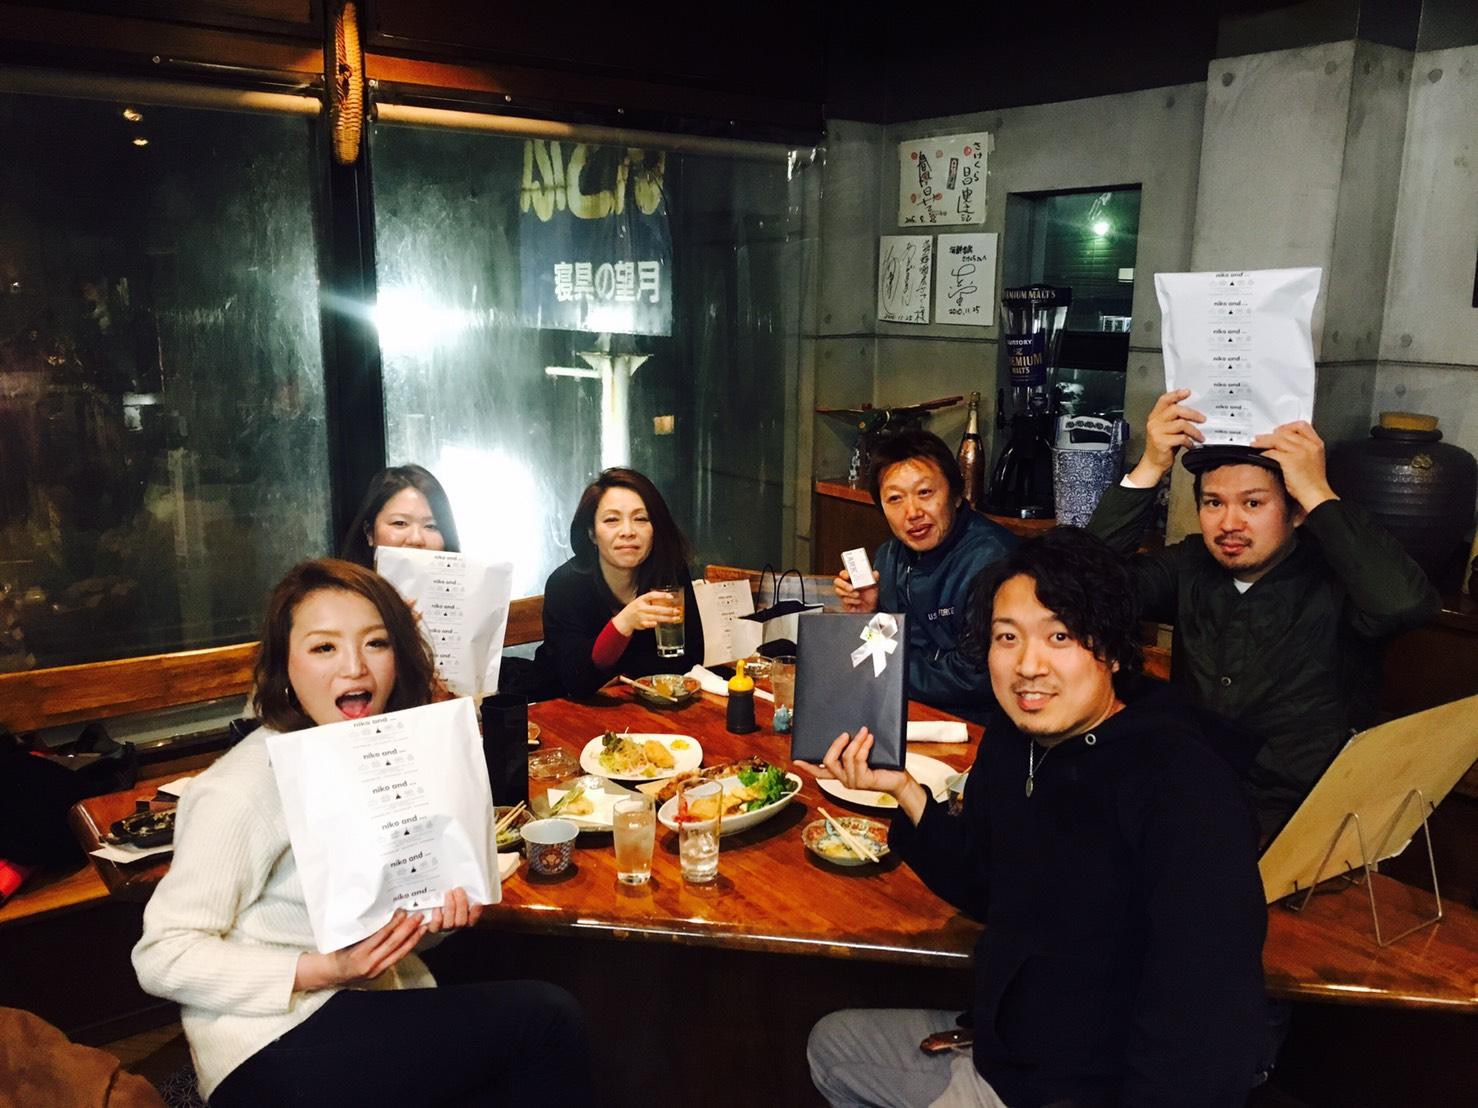 佐々木さん夫妻が誕生月のスタッフを集めてお祝いする「バースデーサミット」